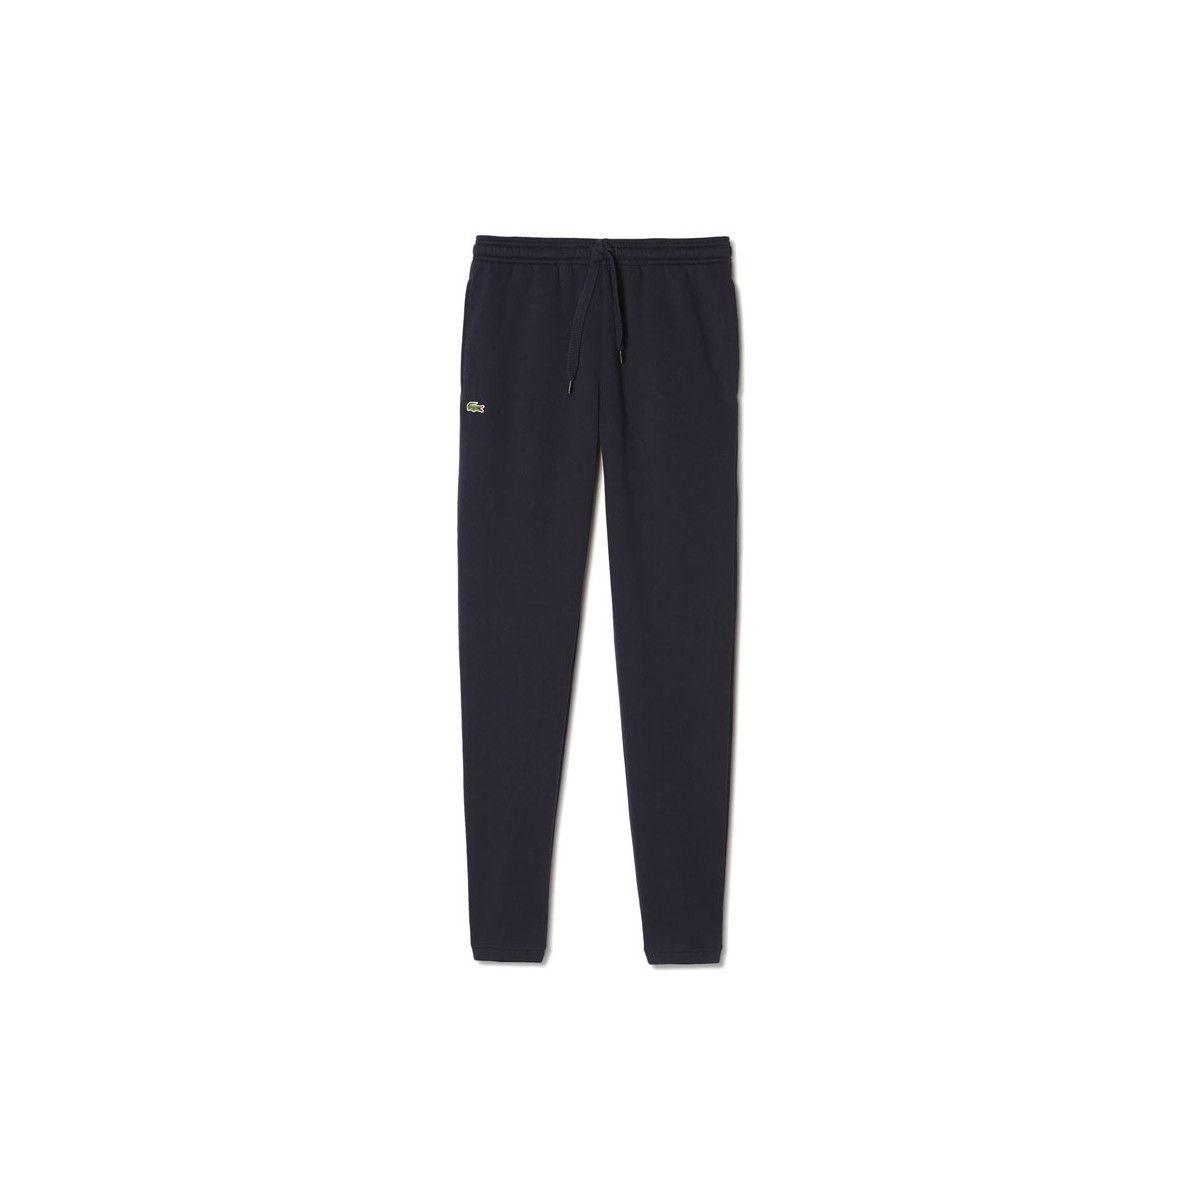 Pantalon de survêtement Coton